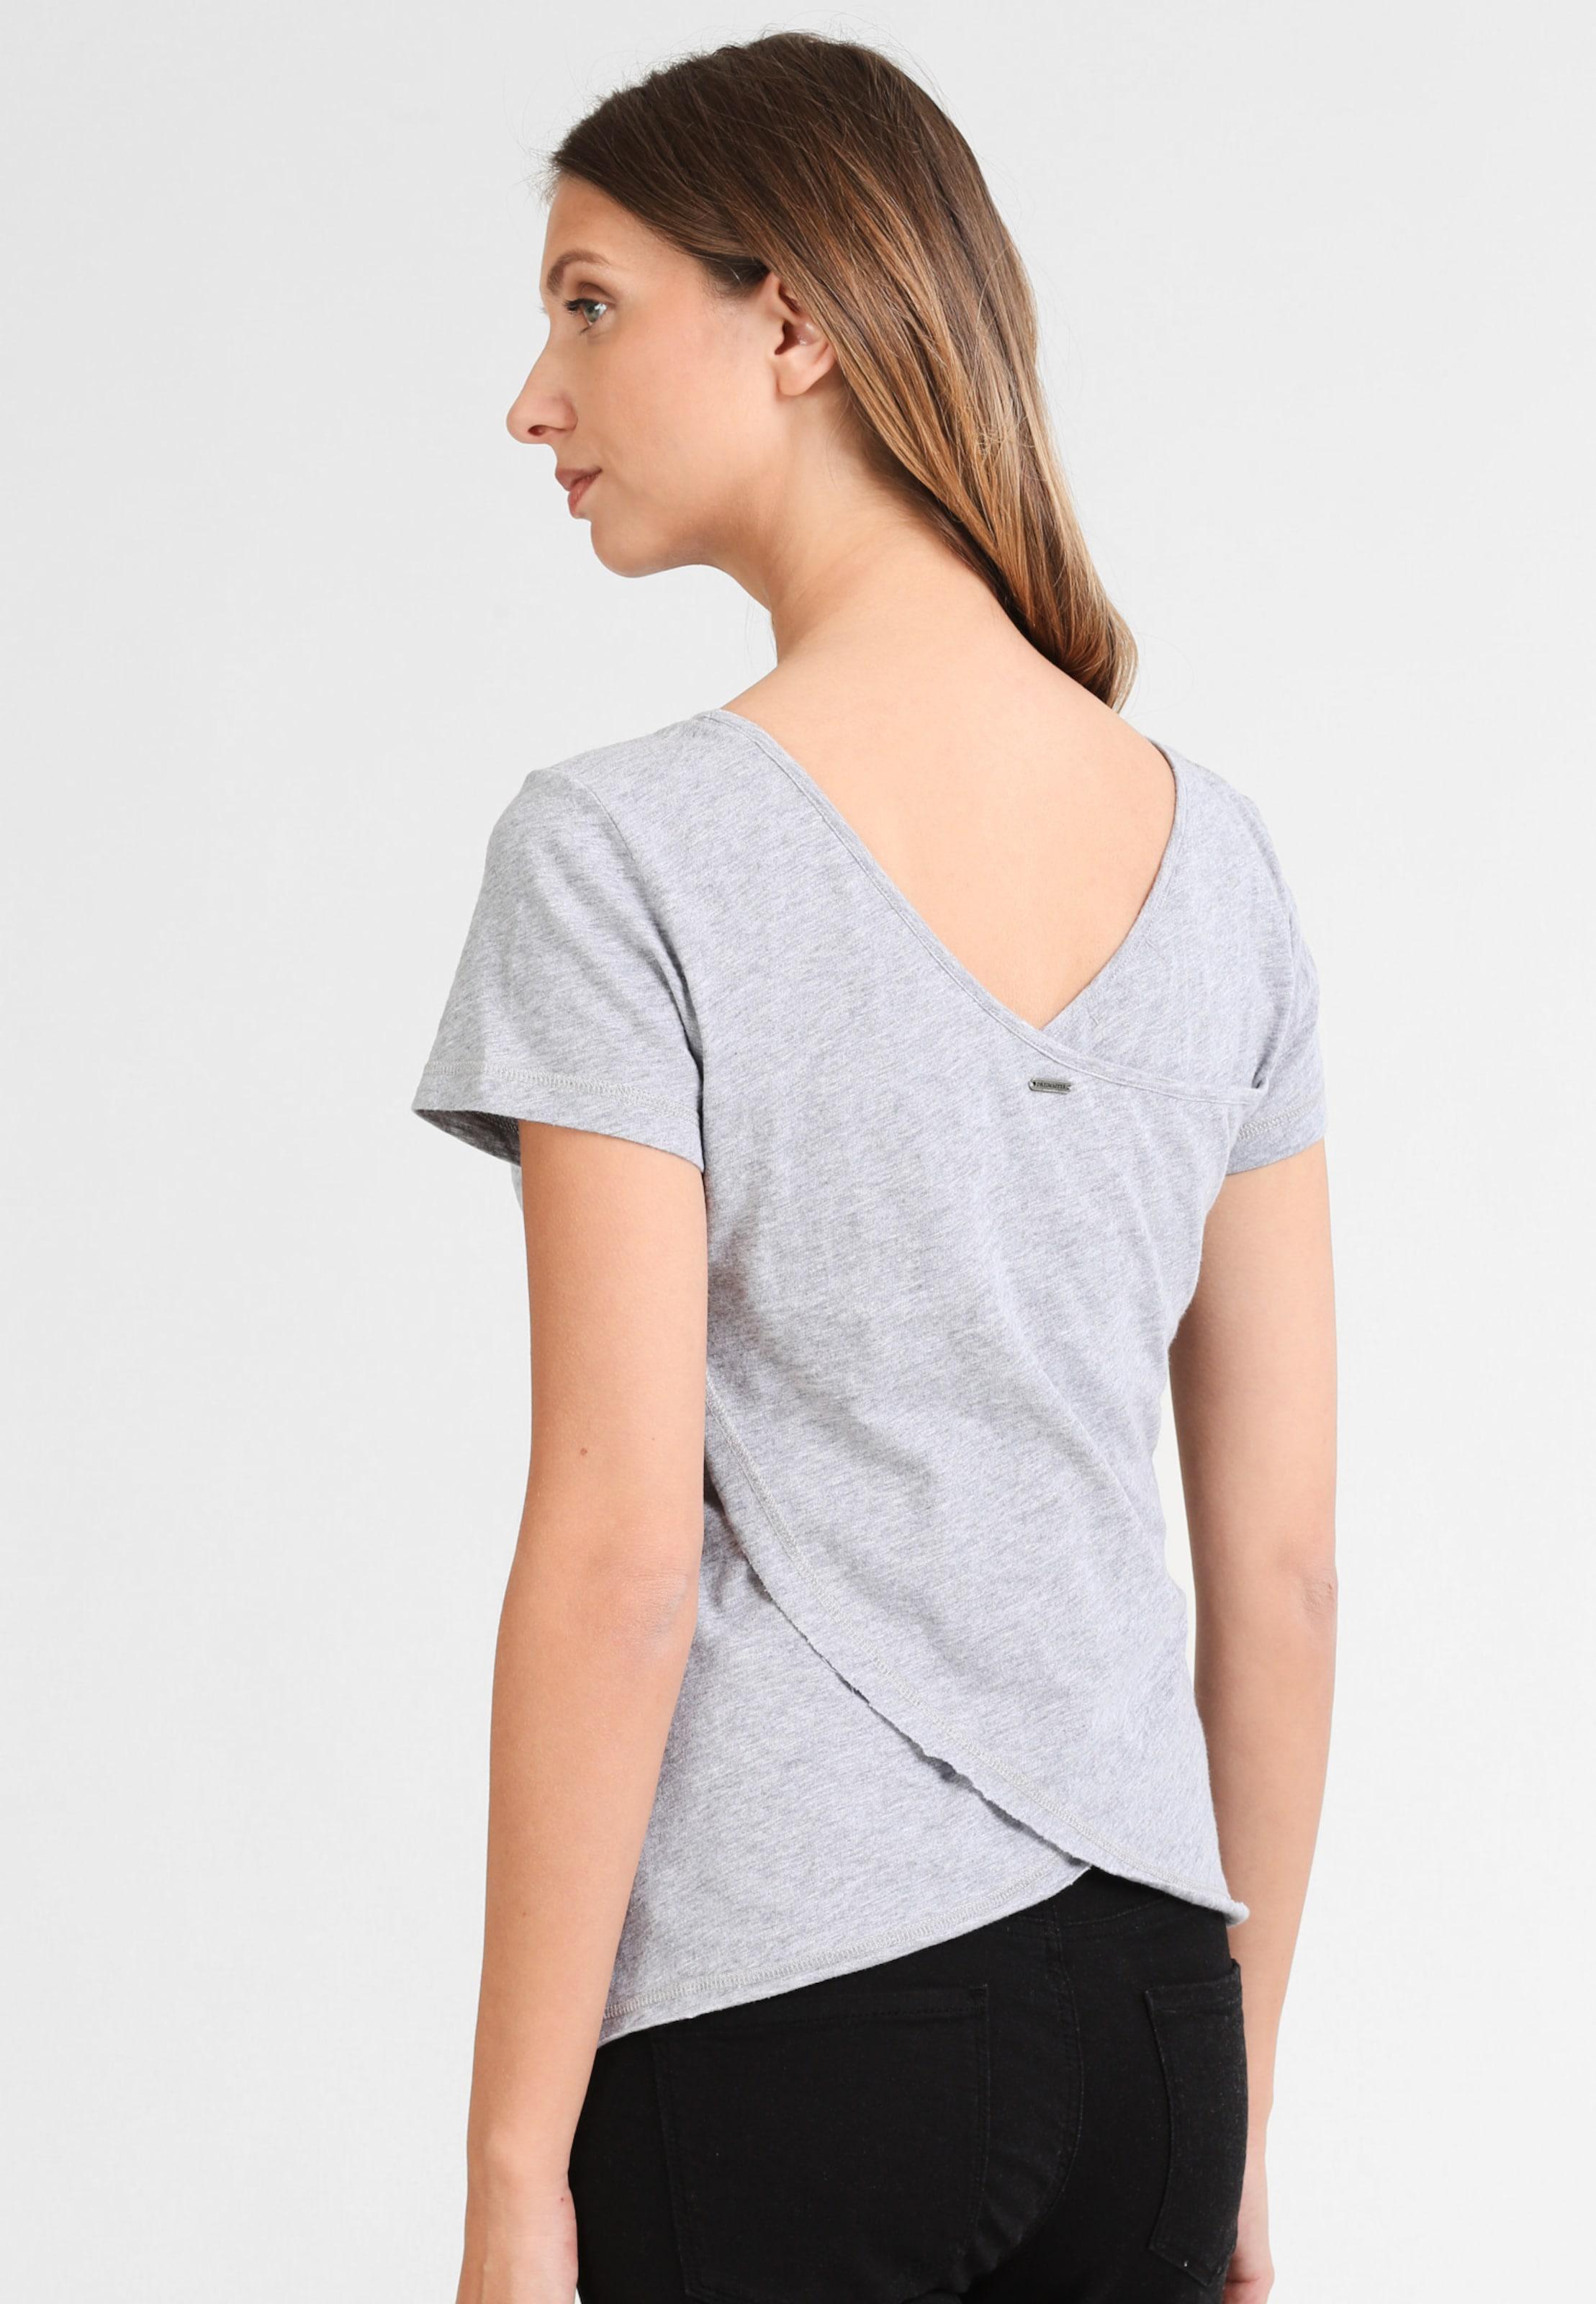 Graumeliert Shirt Dreimaster In Shirt In Dreimaster Dreimaster Graumeliert Shirt MqpSUzV